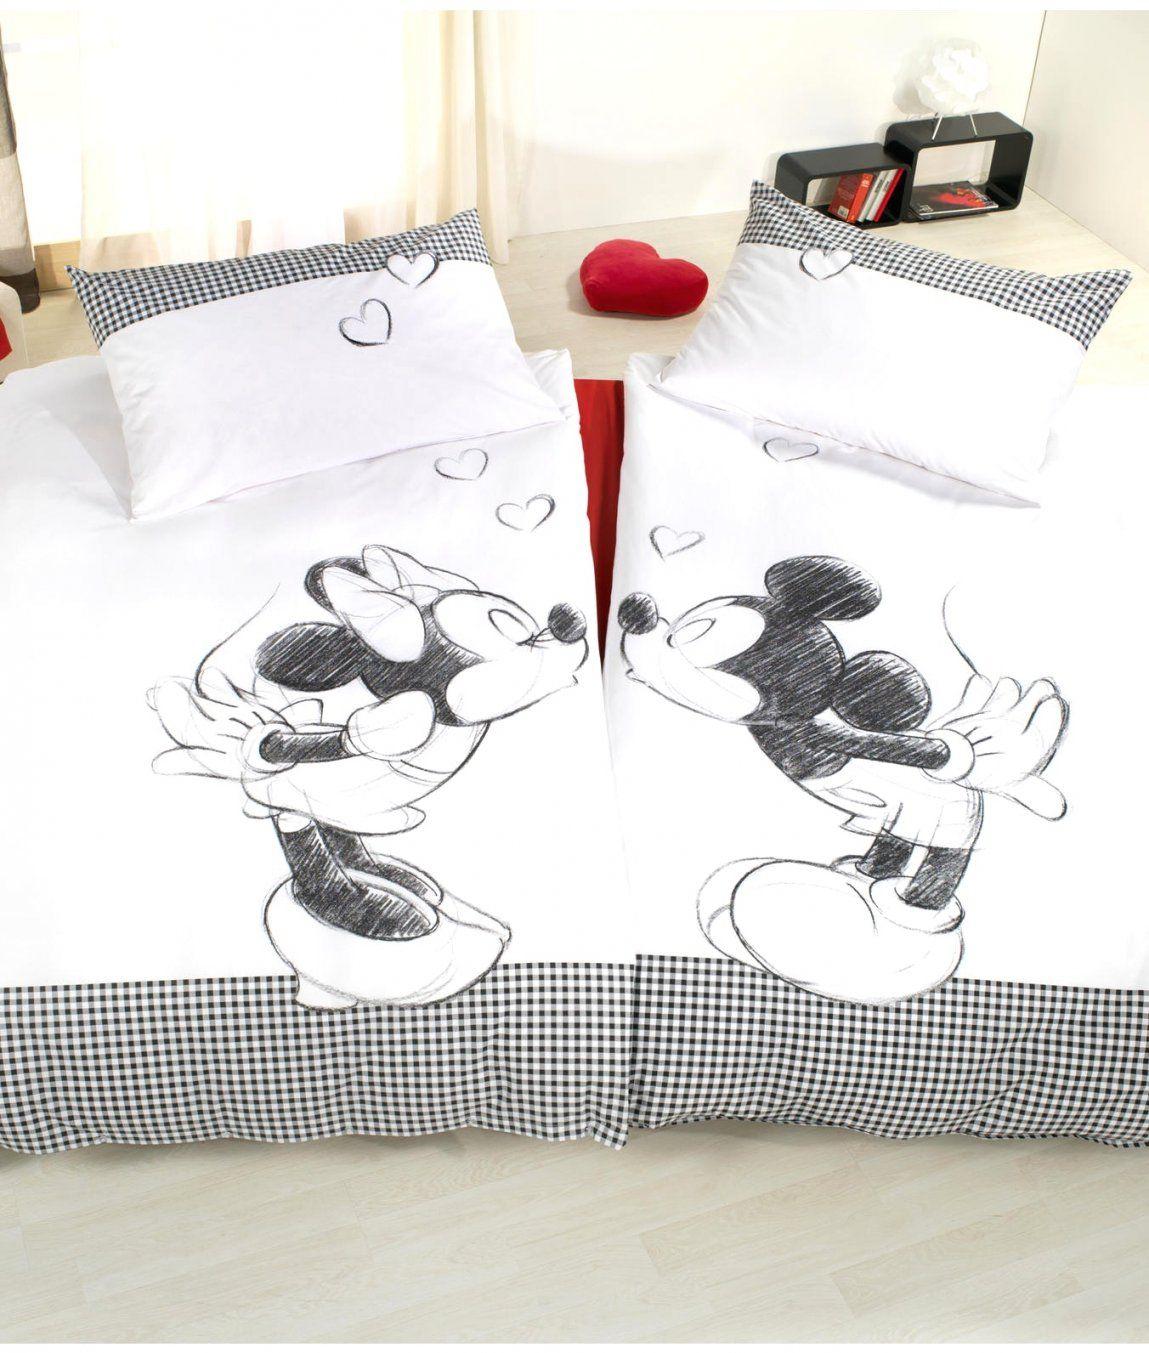 Charmante Ideen Partner Bettwäsche Und Phantasievolle Mickey Mouse von Partner Bettwäsche Günstig Photo